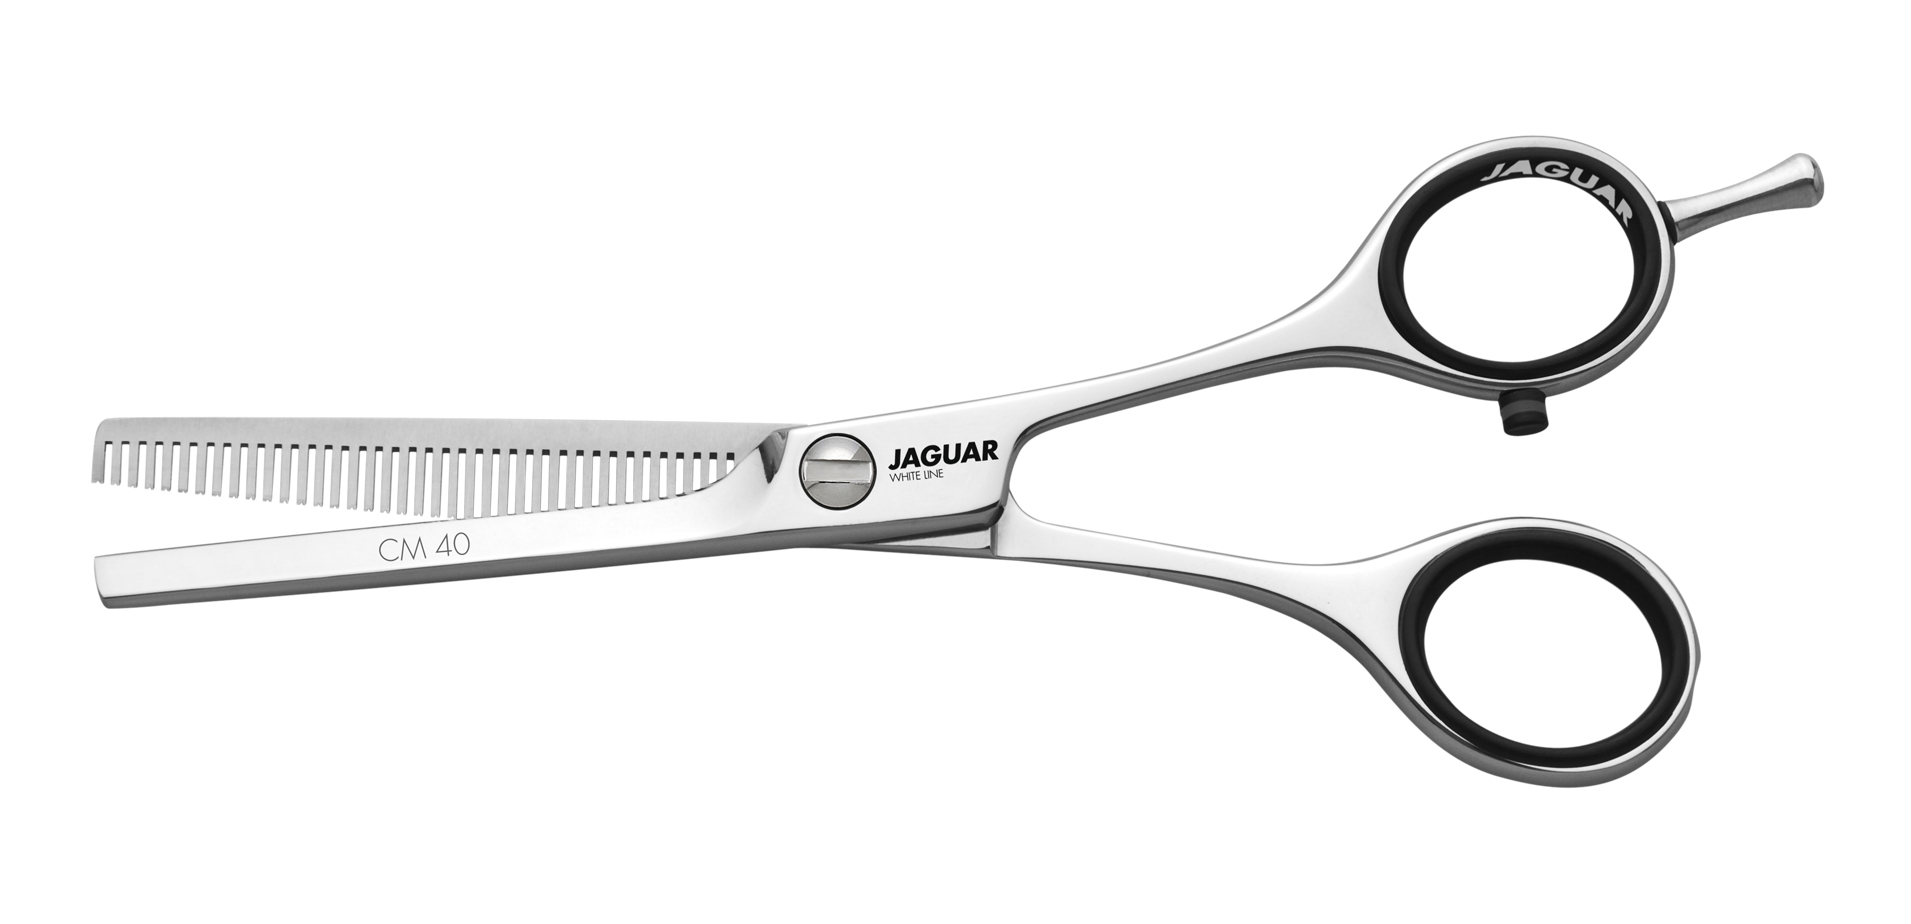 JAGUAR Ножницы A CM 40 фил. 5' ** jaguar ножницы a cm 40 фил 5